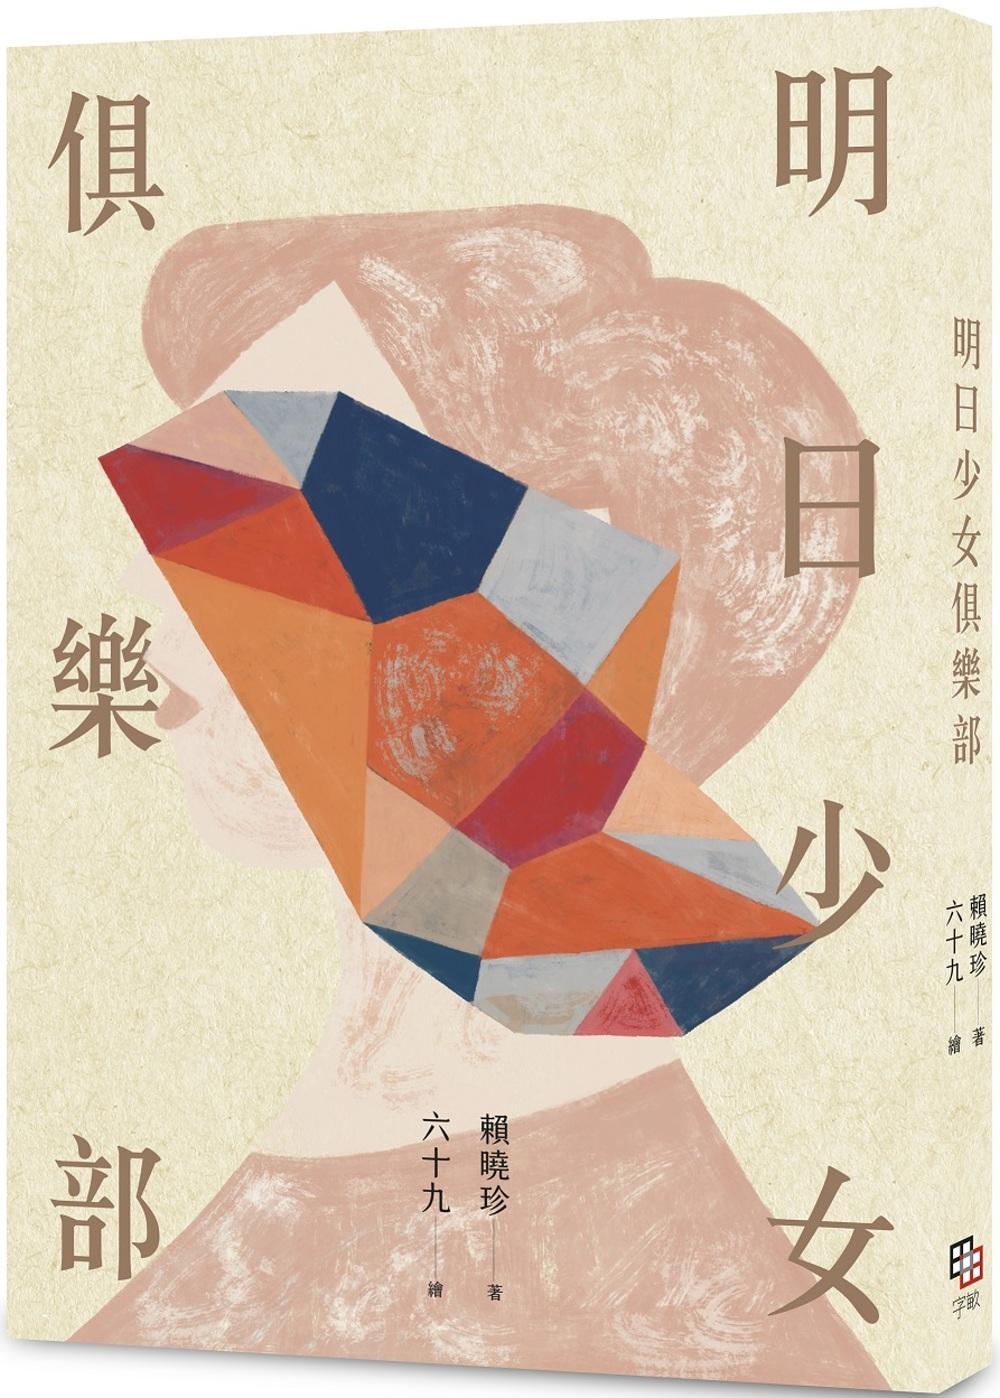 明日少女俱樂部【博客來獨家限量「礦石少女」封面 + 作者親簽珍藏版】